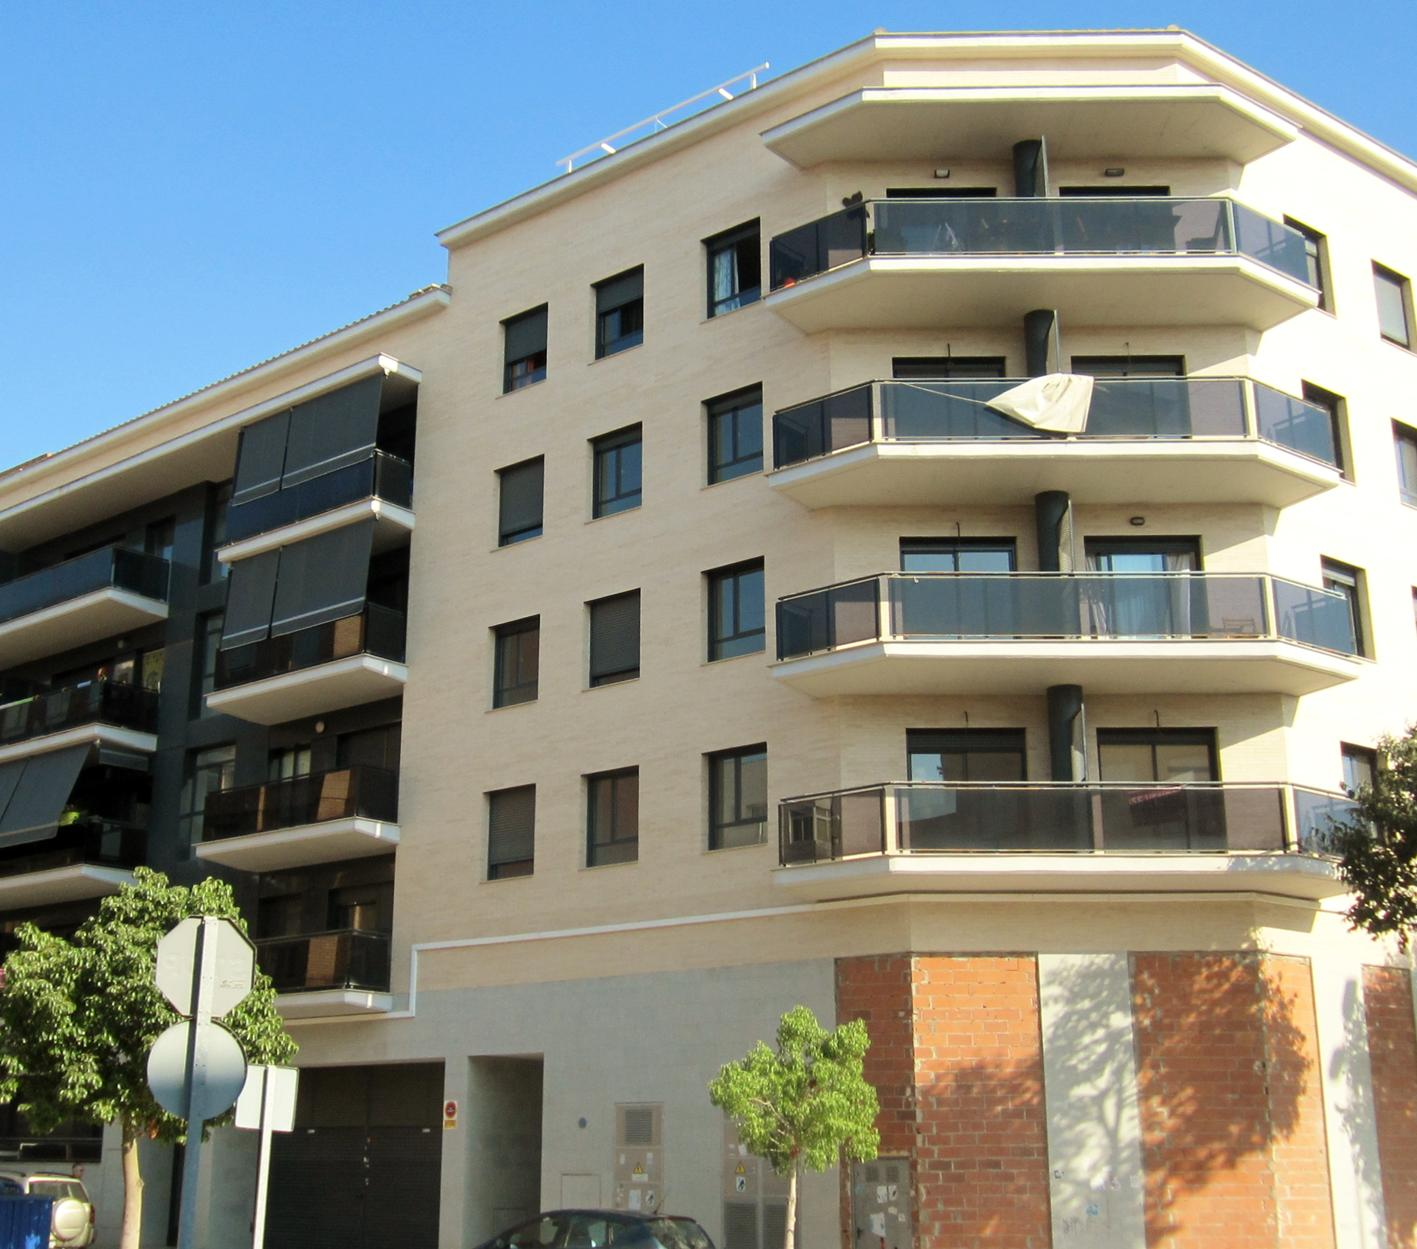 Edificio de obra nueva con excelentes calidades y tipologías diversas